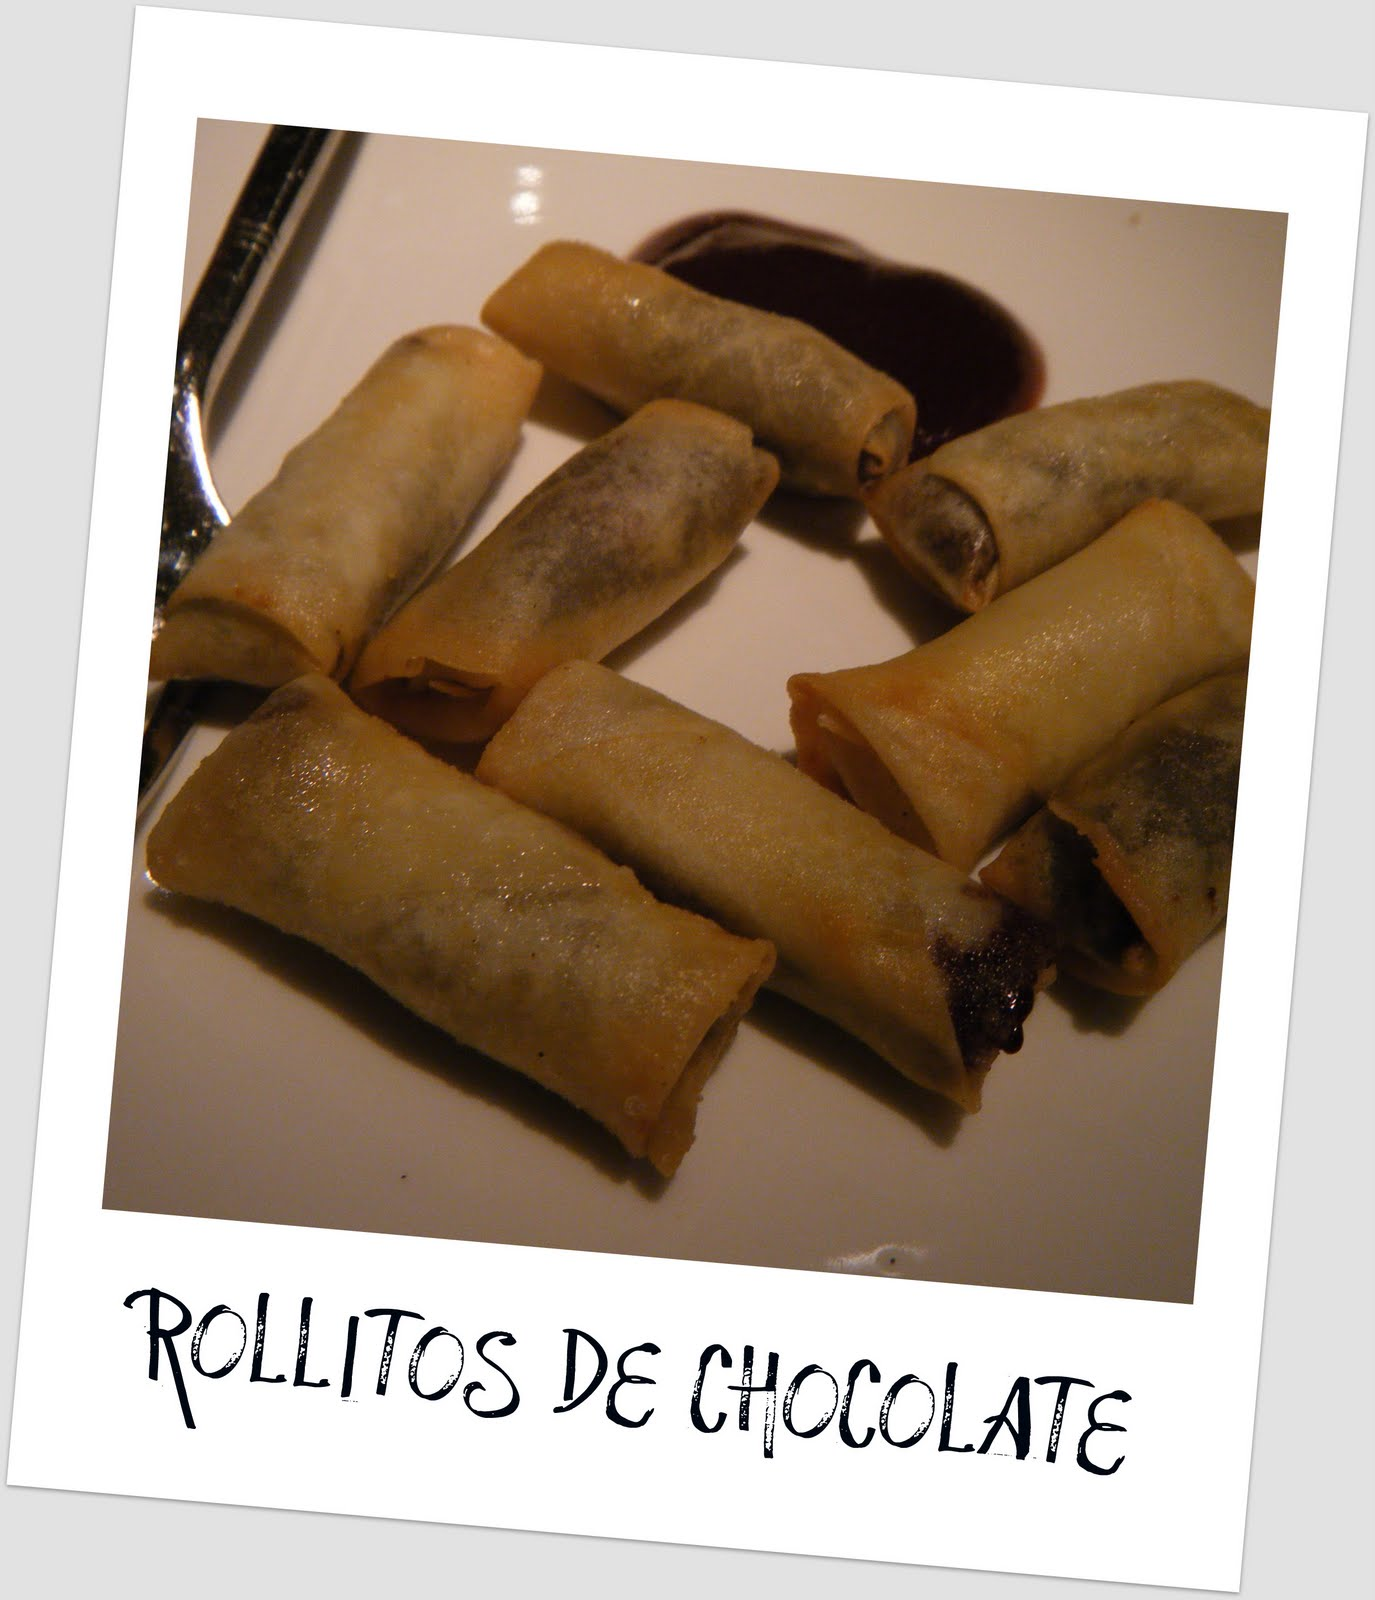 Rollitos de chocolate japoneses d nde se compran hacen for Donde se compran los vinilos decorativos